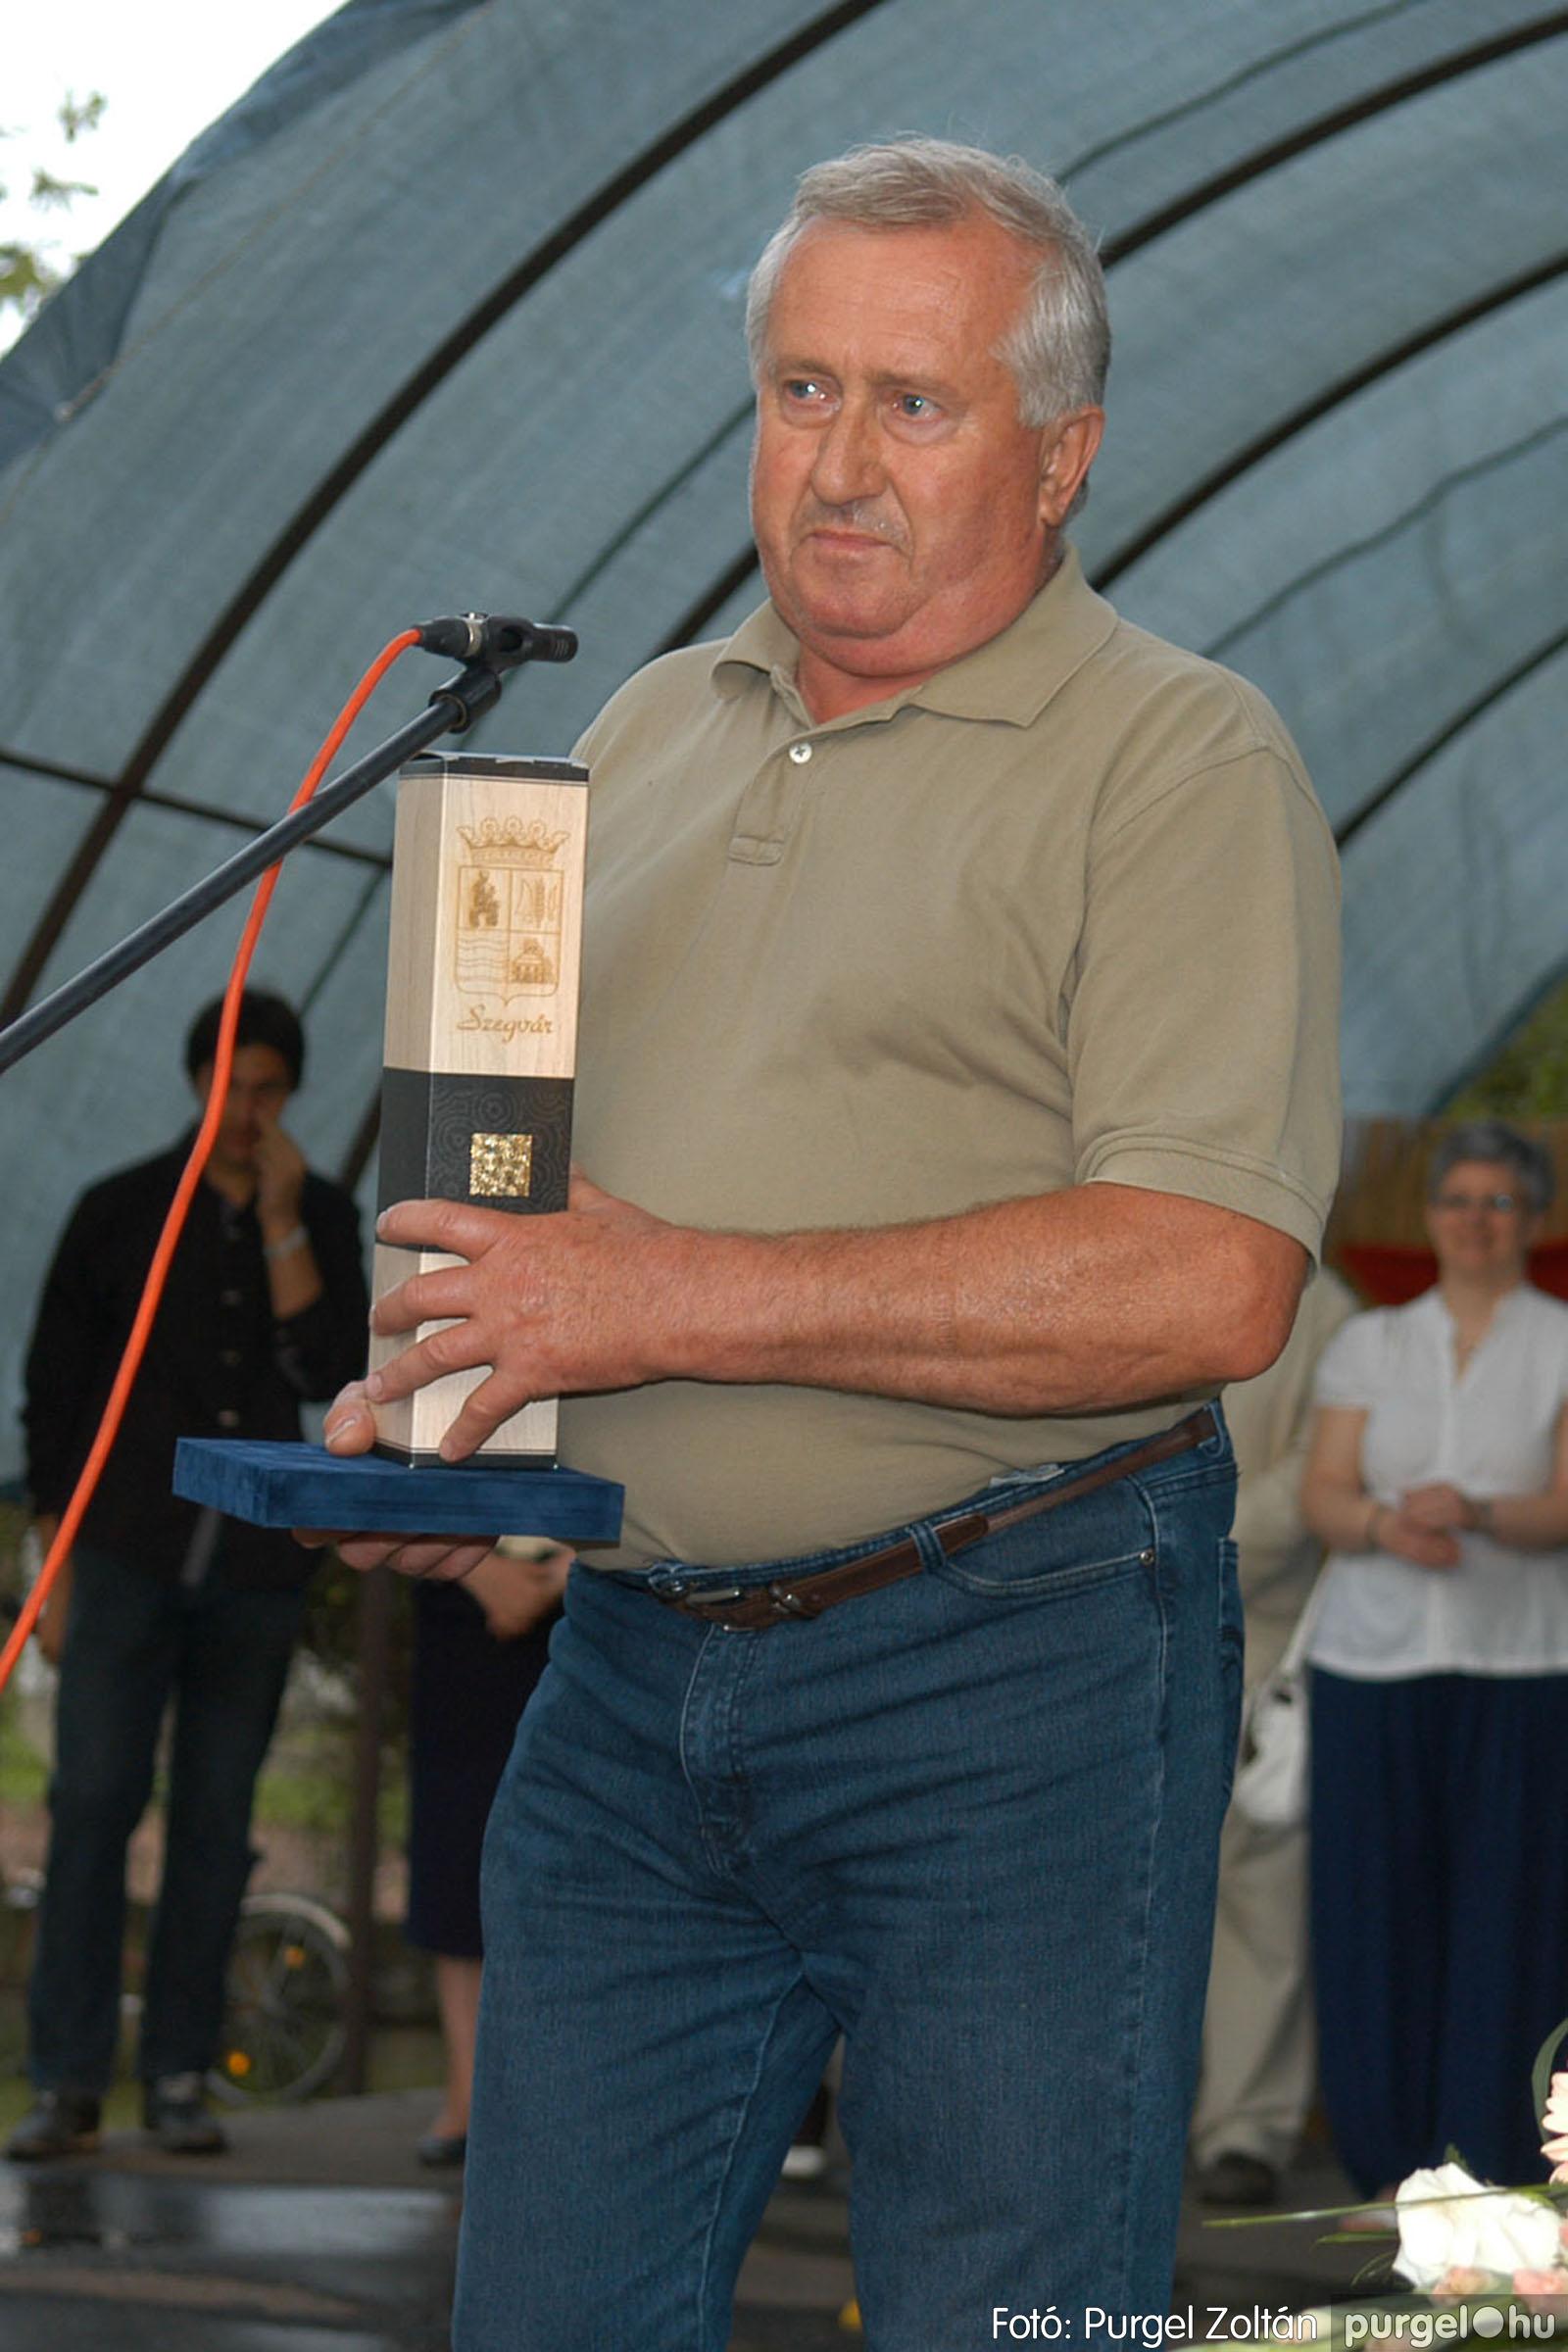 2014.08.20. 025 Ünnepi program a szegvári falunapon - Fotó:PURGEL ZOLTÁN© DSC_0055q.jpg